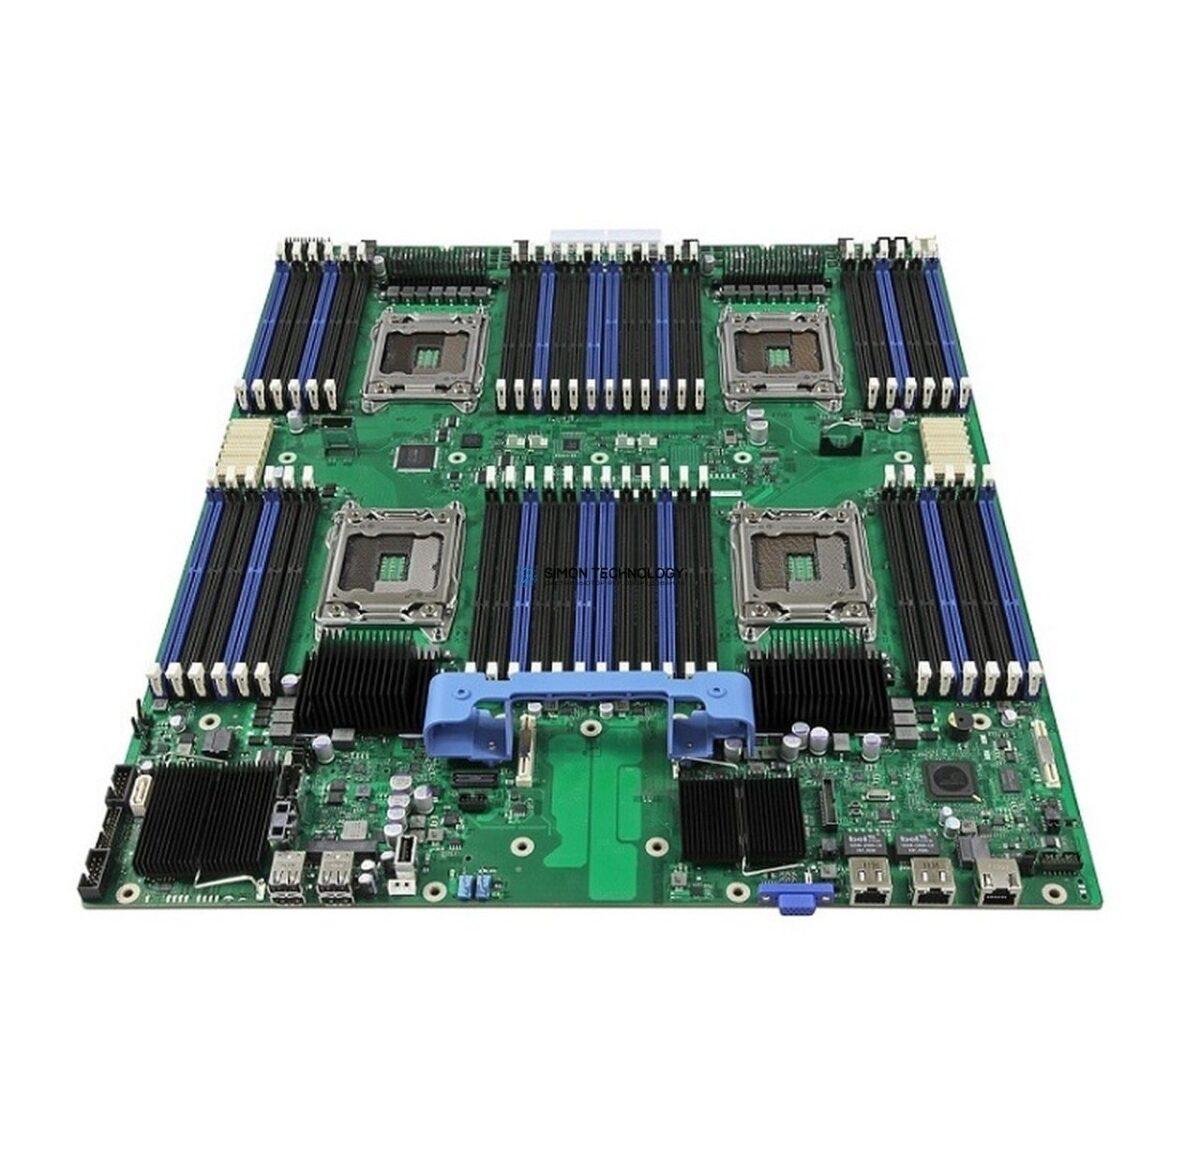 Dell DELL SYSTEM BOARD V1 R510 TPM (04HVYW)